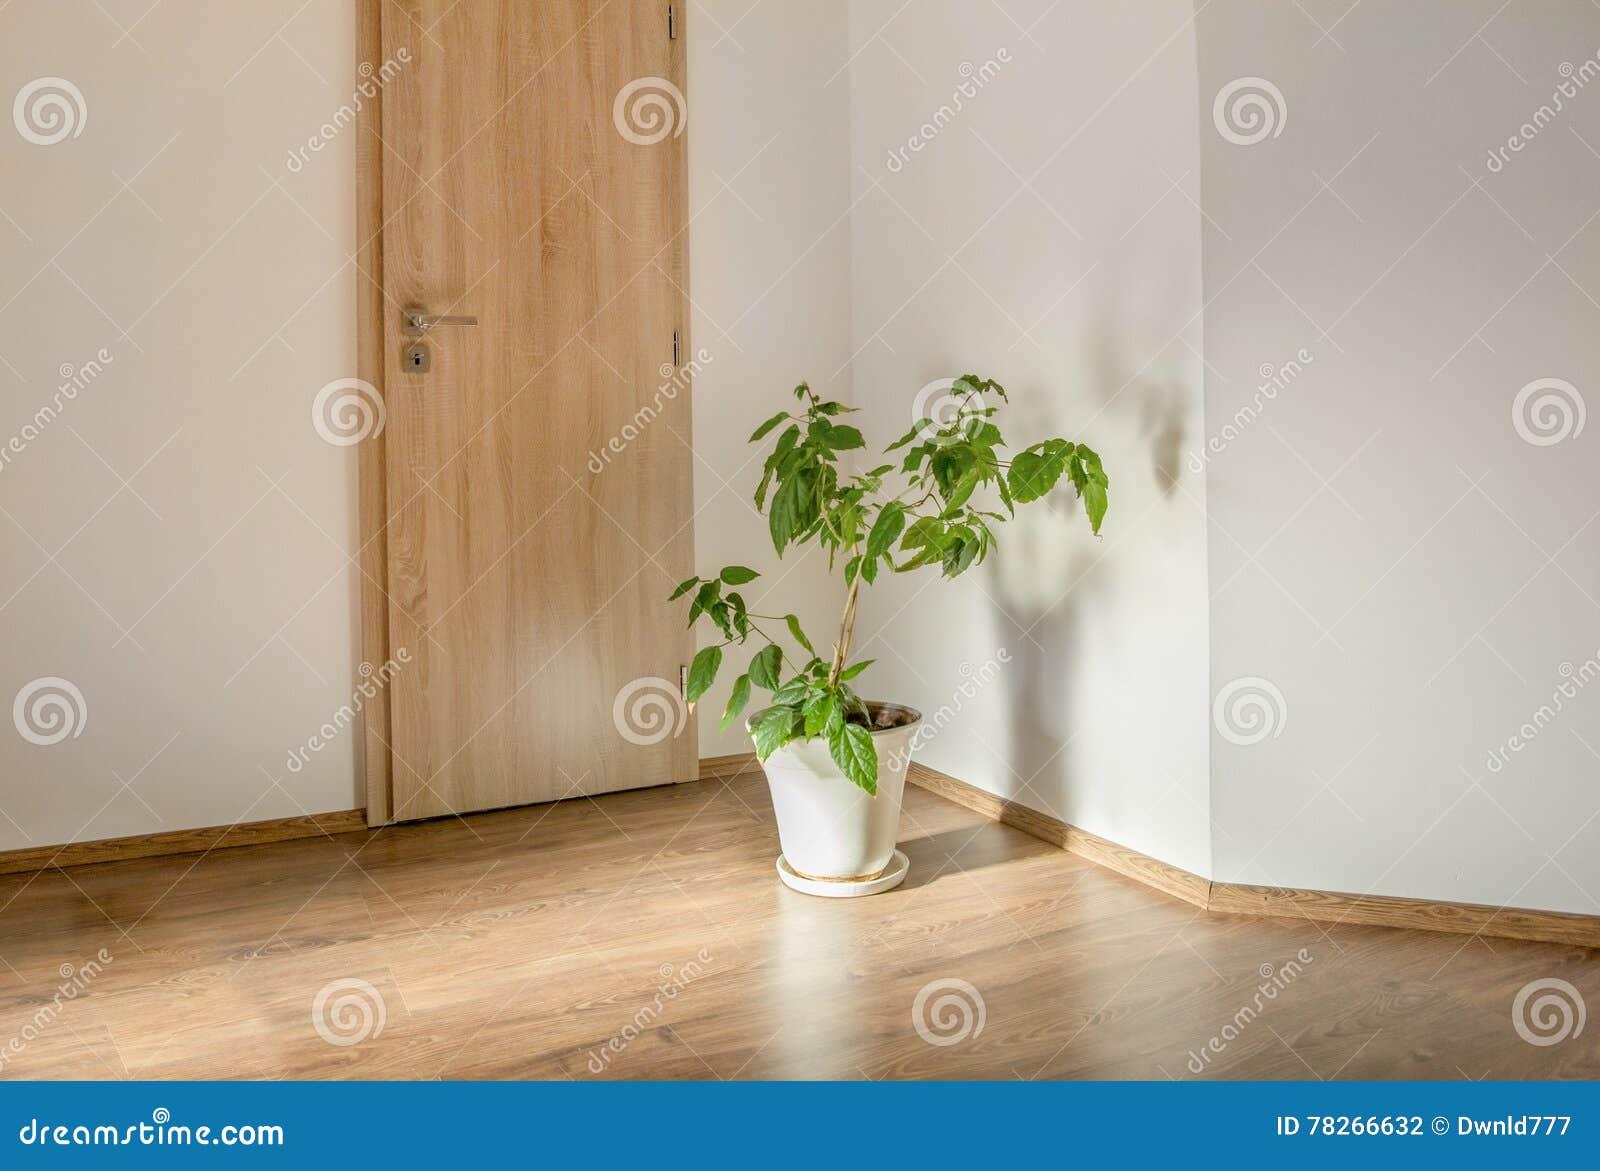 Plante Verte Dans La Chambre Vide Photo Stock Image Du